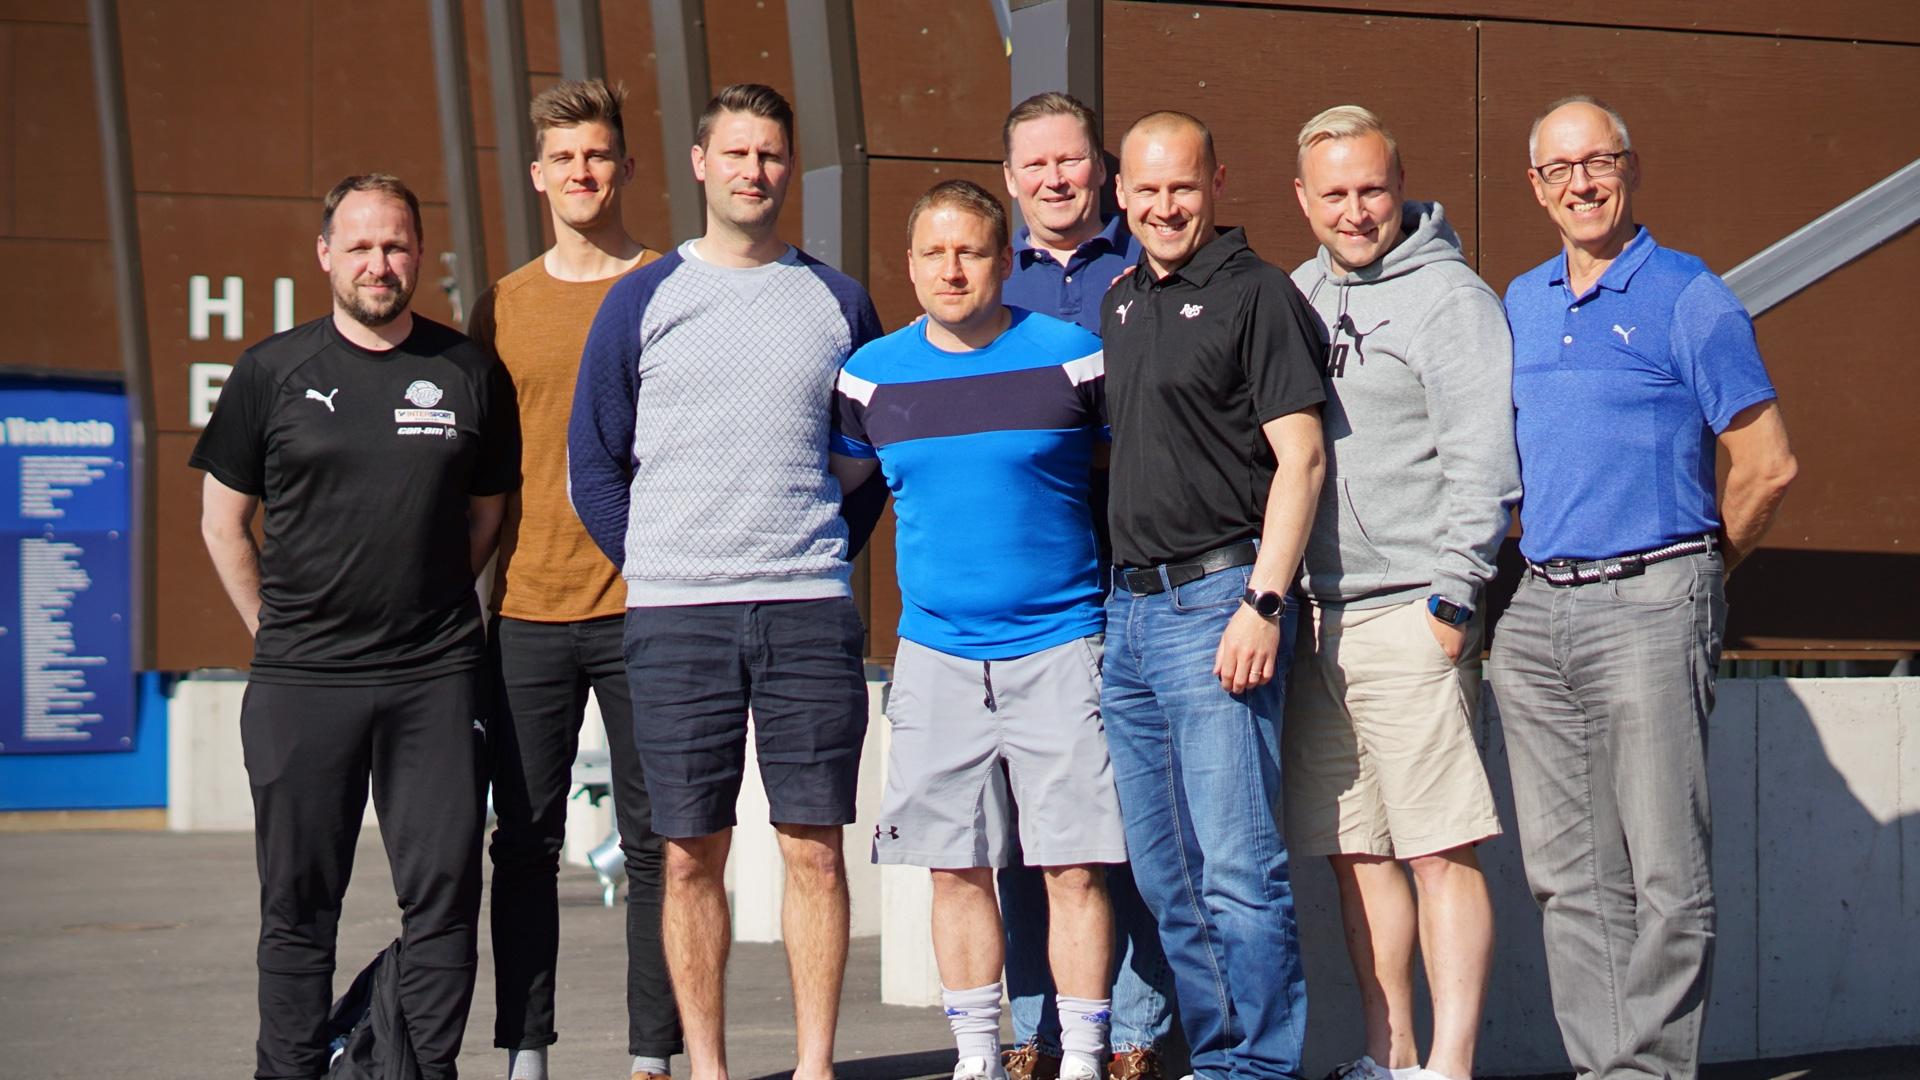 RoPS:n rooli Pohjois-Suomen jalkapallossa vahvistuu – Valinta Sami Hyypiä akatemiaan varmistui